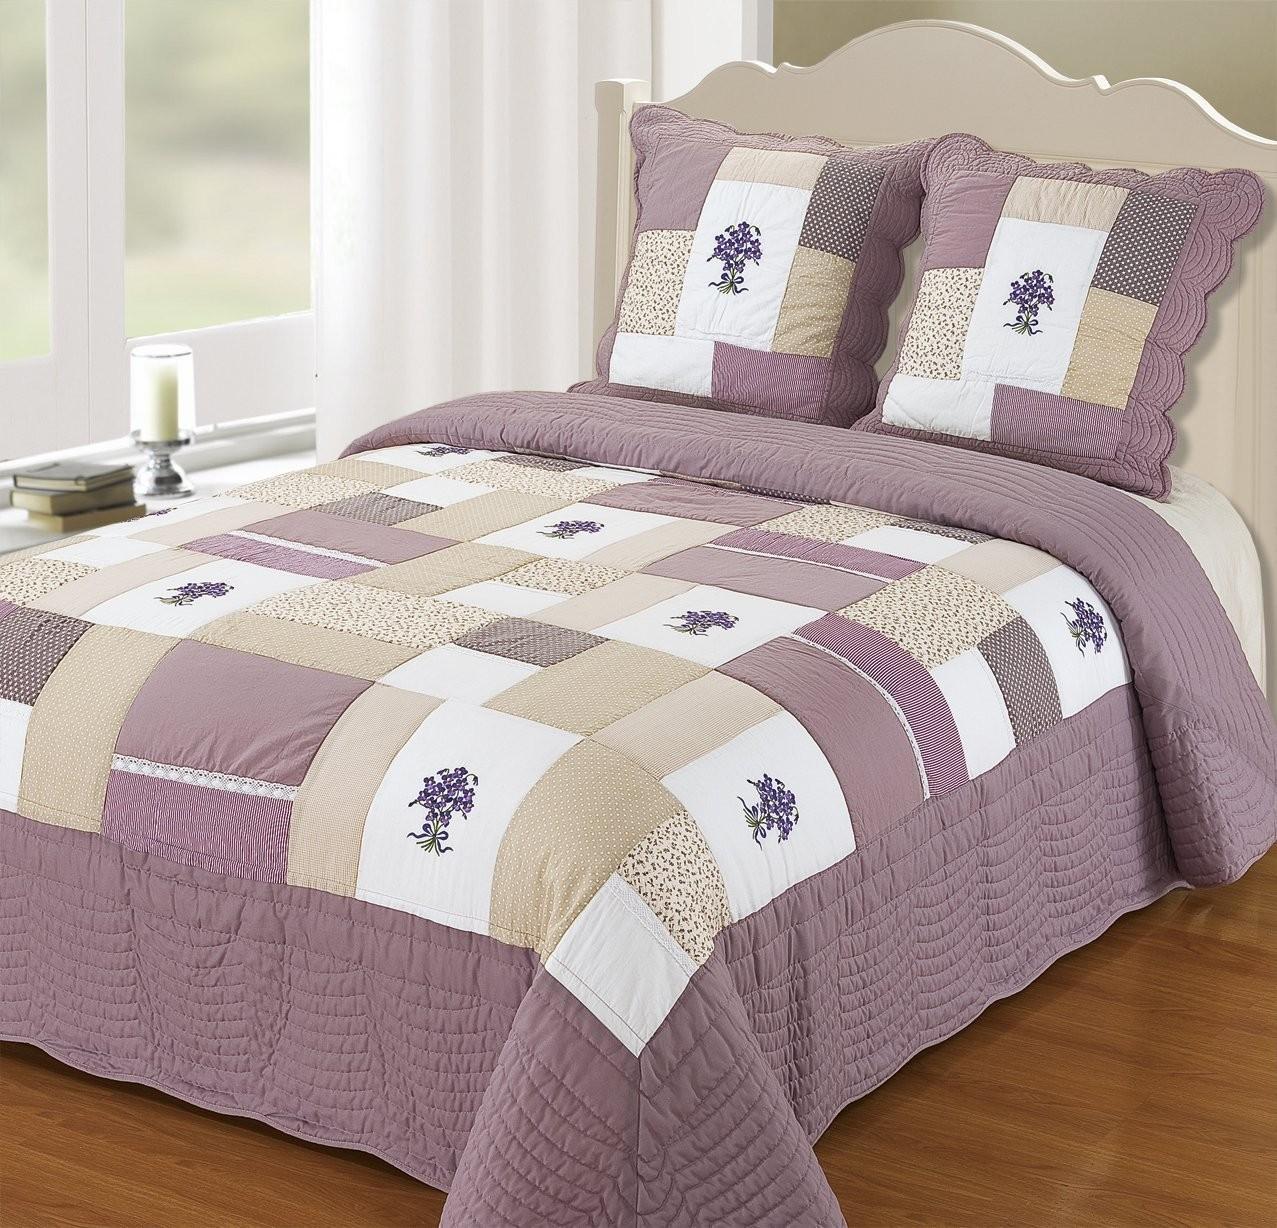 boutis couvre lit provence 260x280 - Couverture Lit